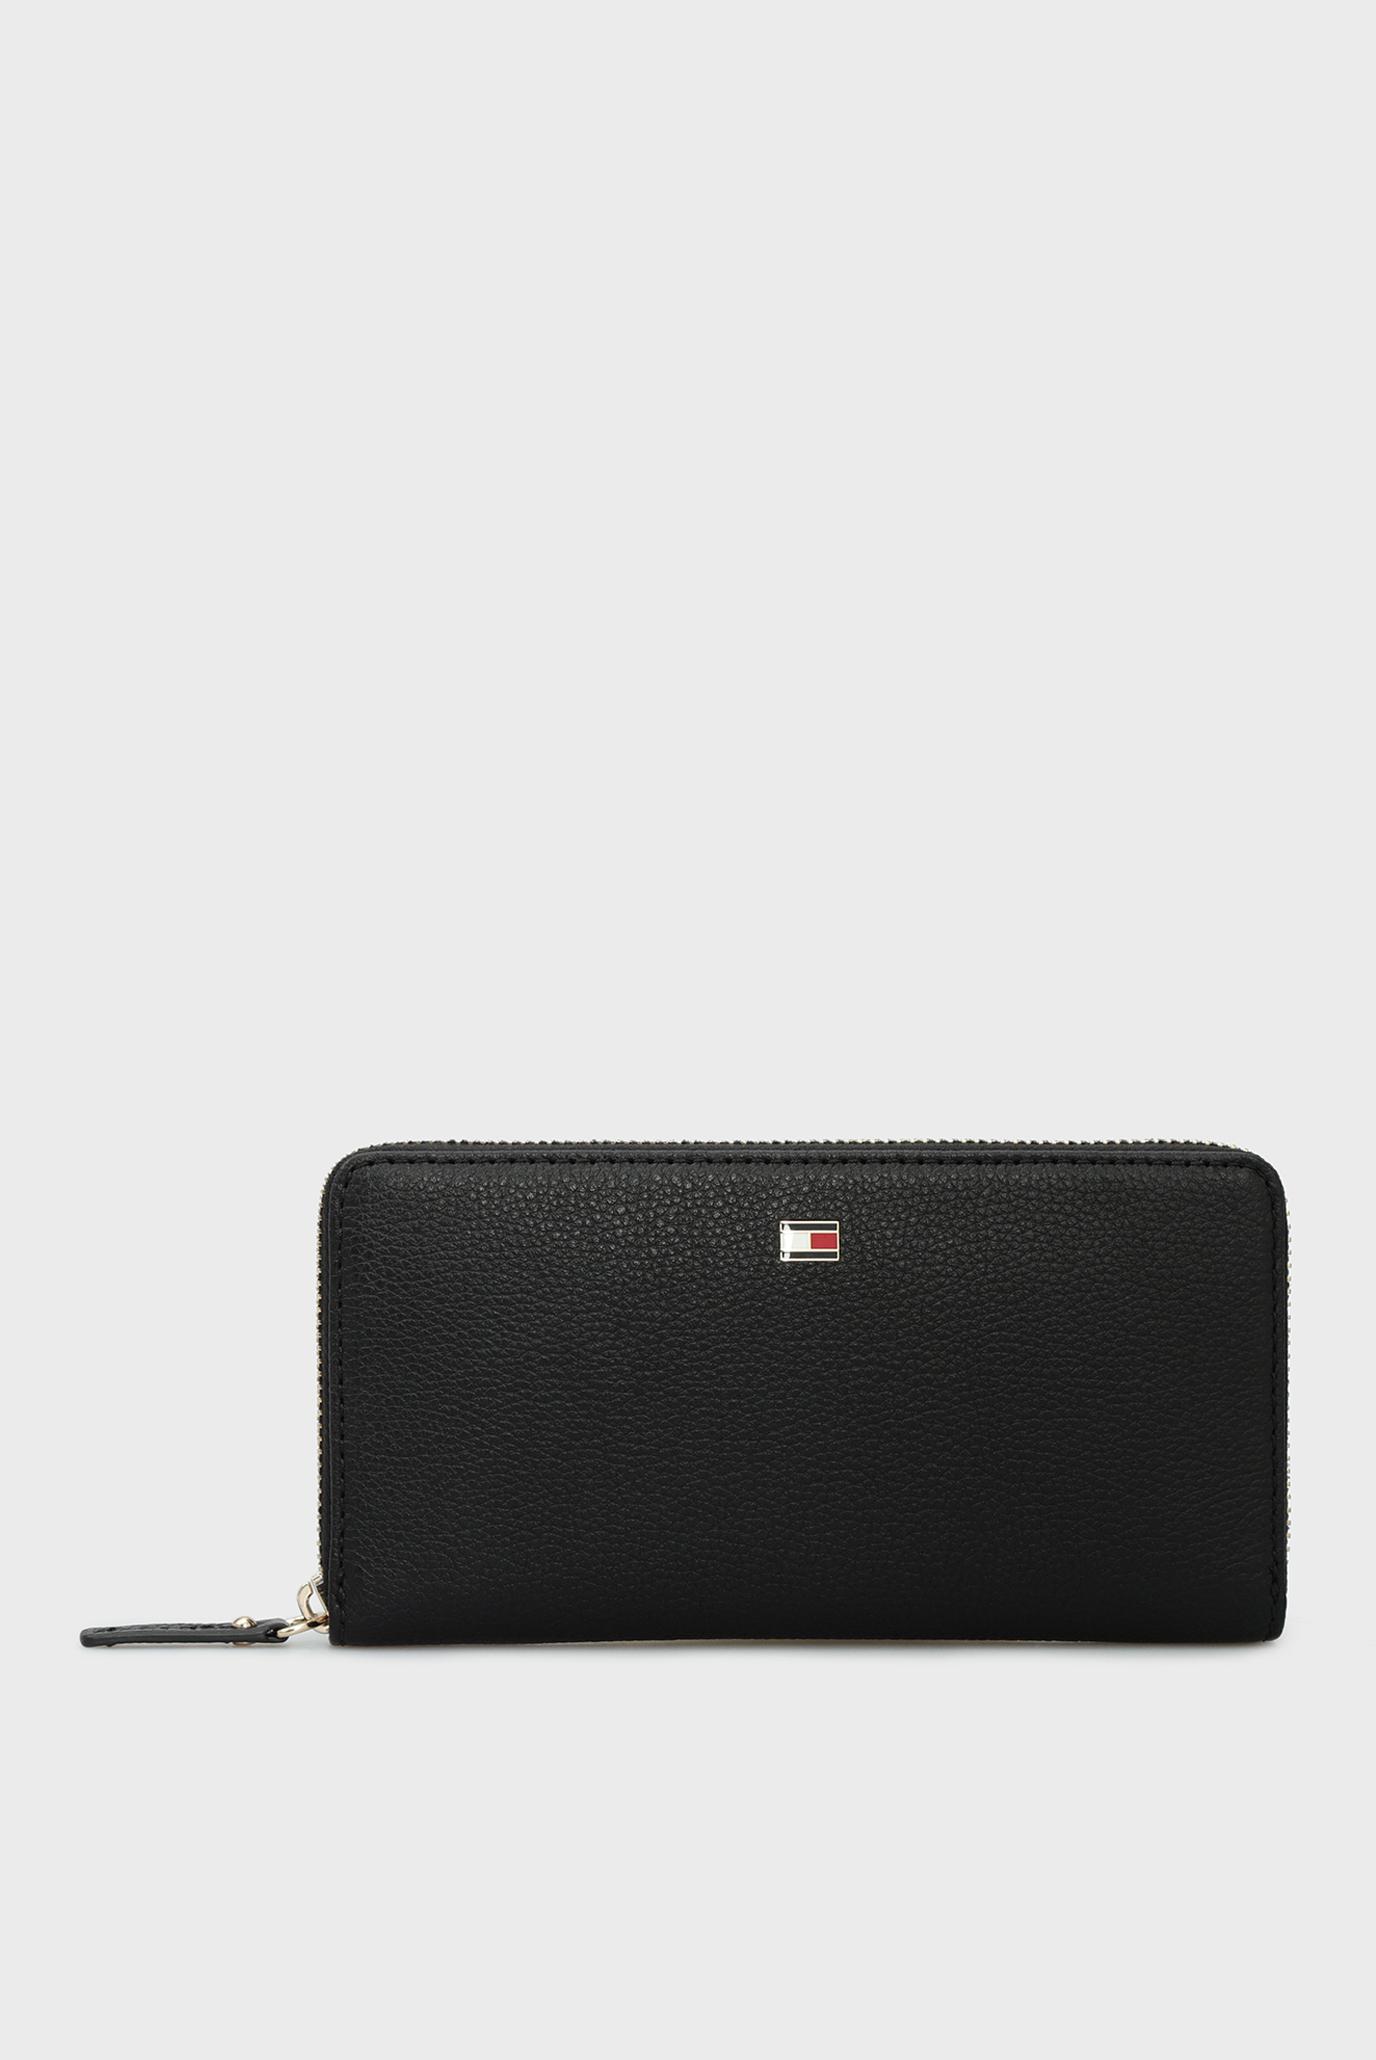 Жіночий чорний шкіряний гаманець BASIC LEATHER LARGE 1